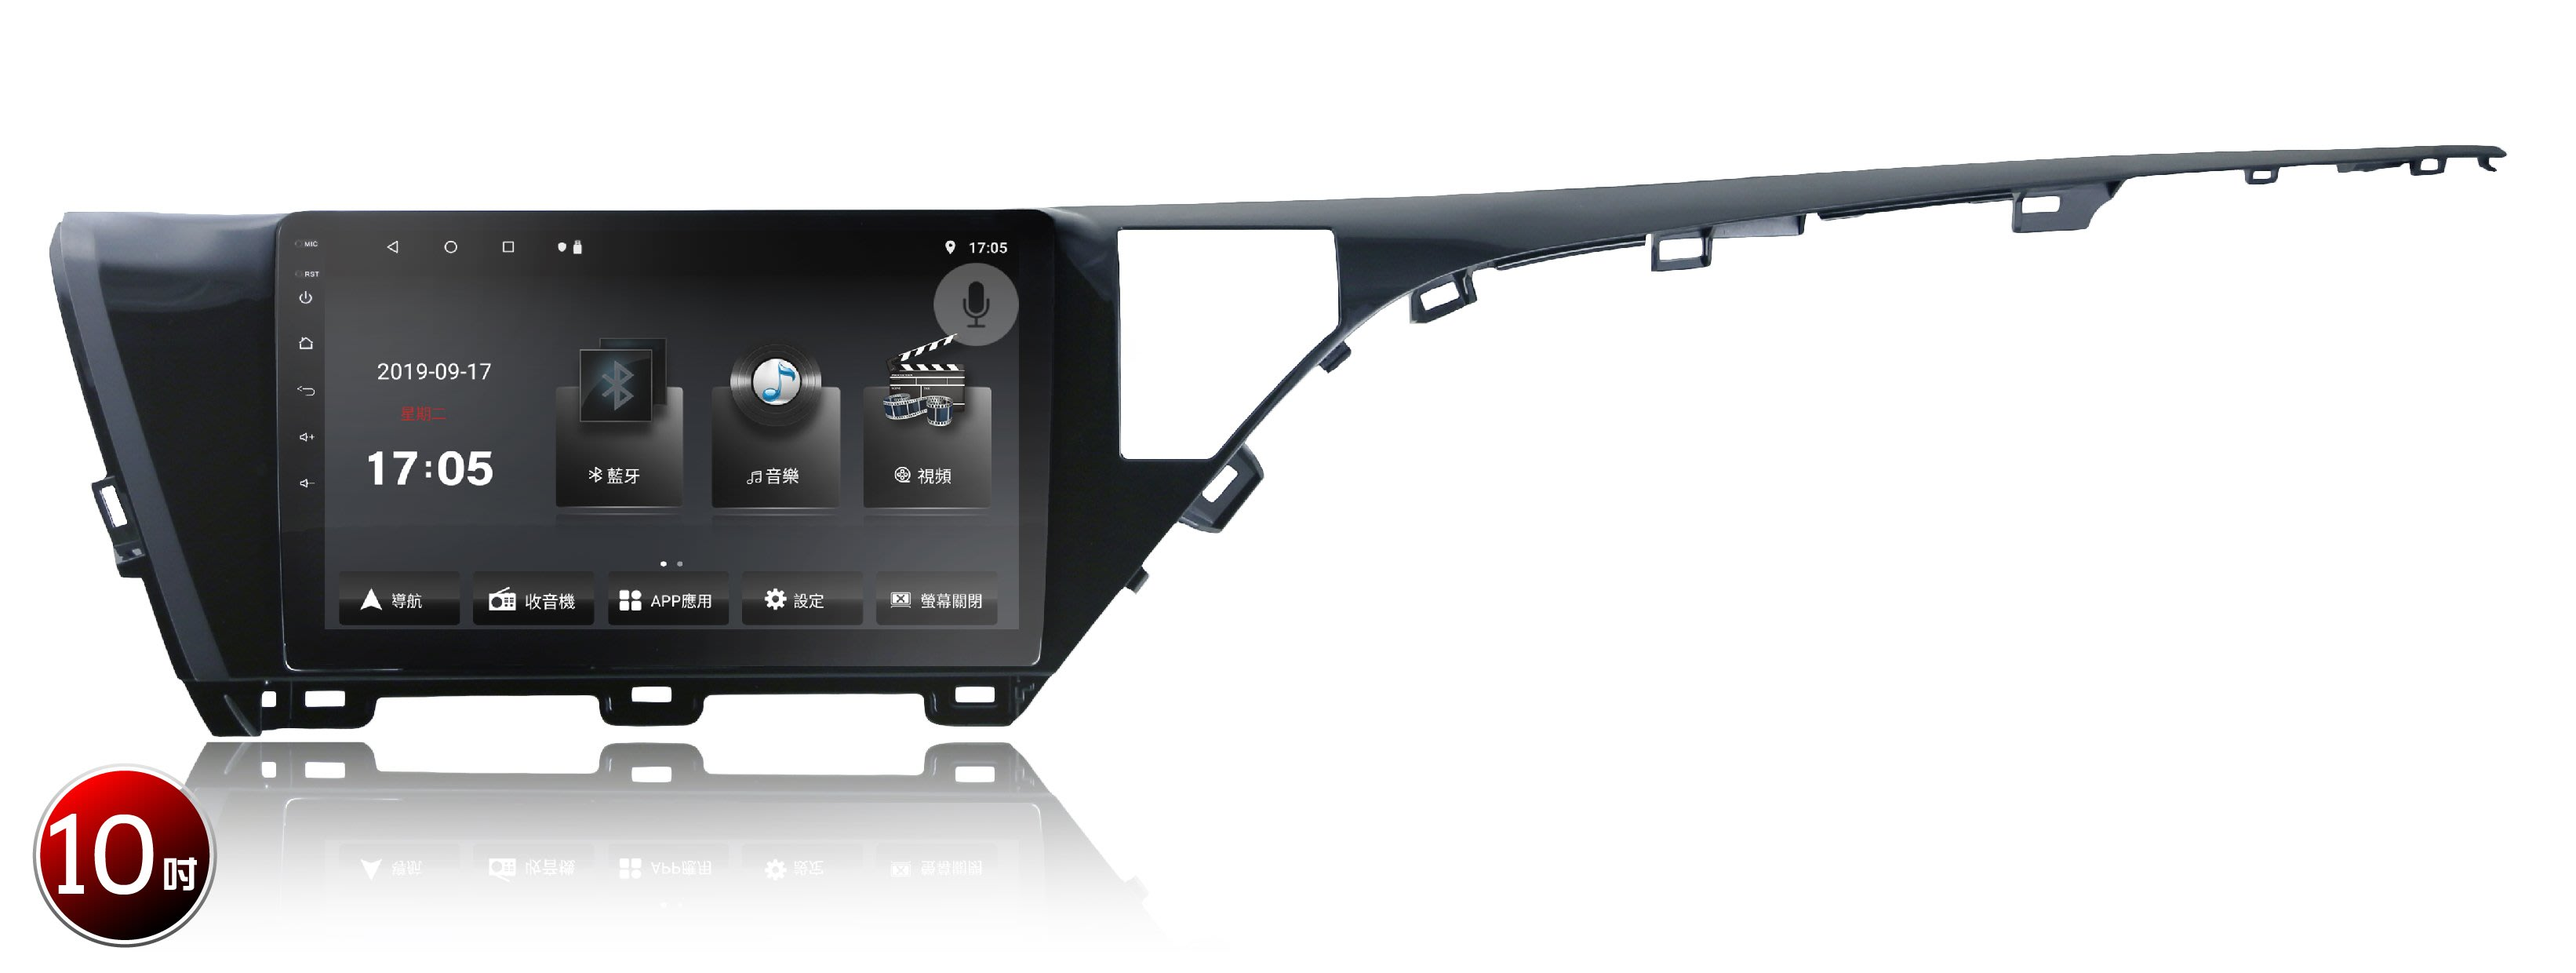 【全昇音響 】18CAMRY V33 10吋專用機 八核心 獨家雙聲控系統,最新功放IC:7851,音質再提昇